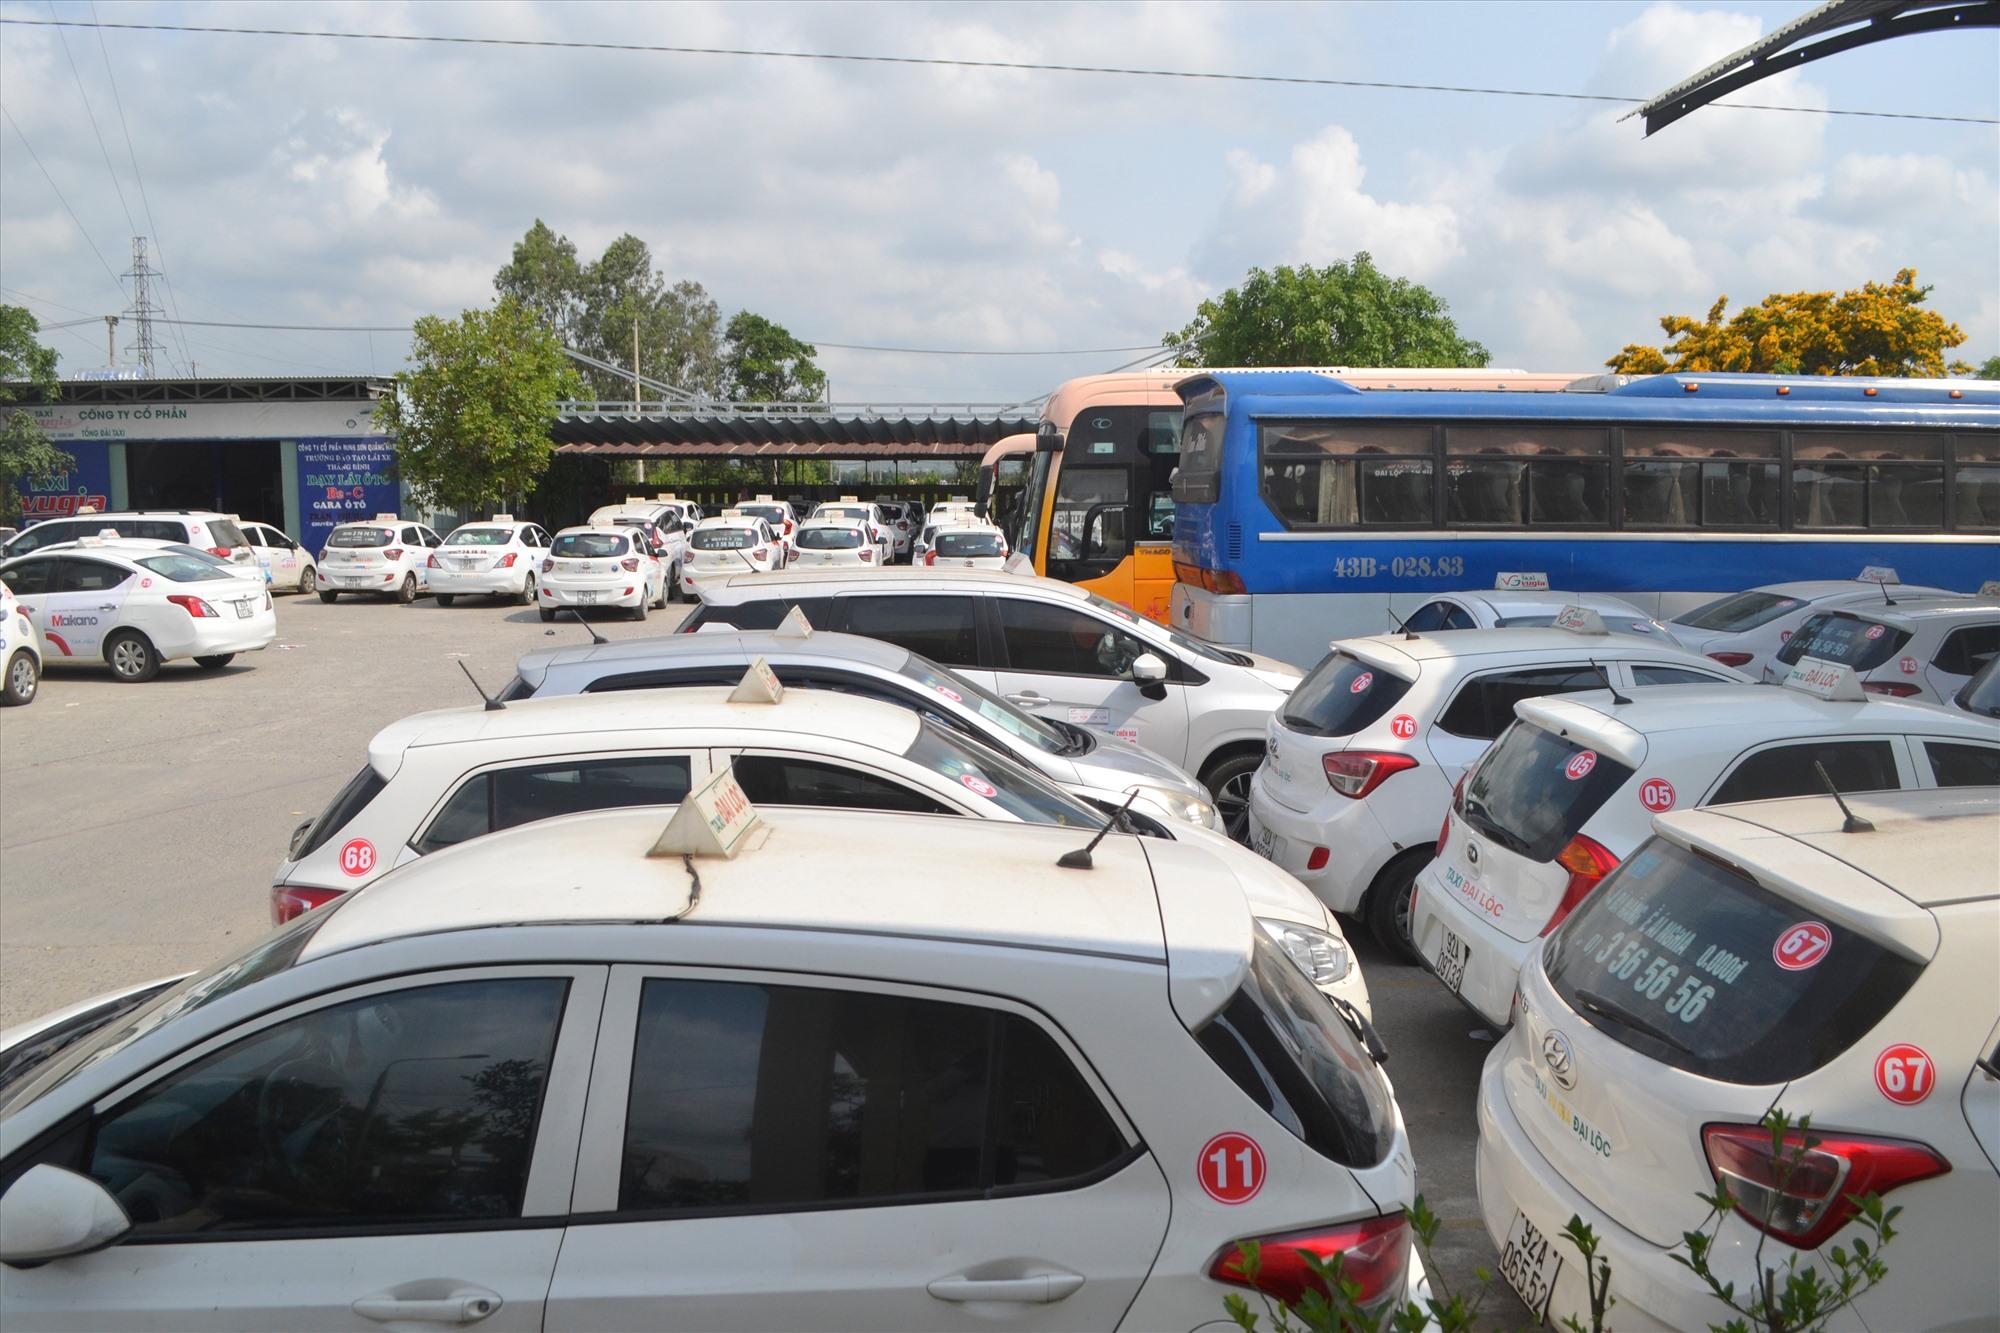 Phương tiện vận tải khách tạm dừng hoạt động tại bến xe Đại Lộc. Ảnh: CT